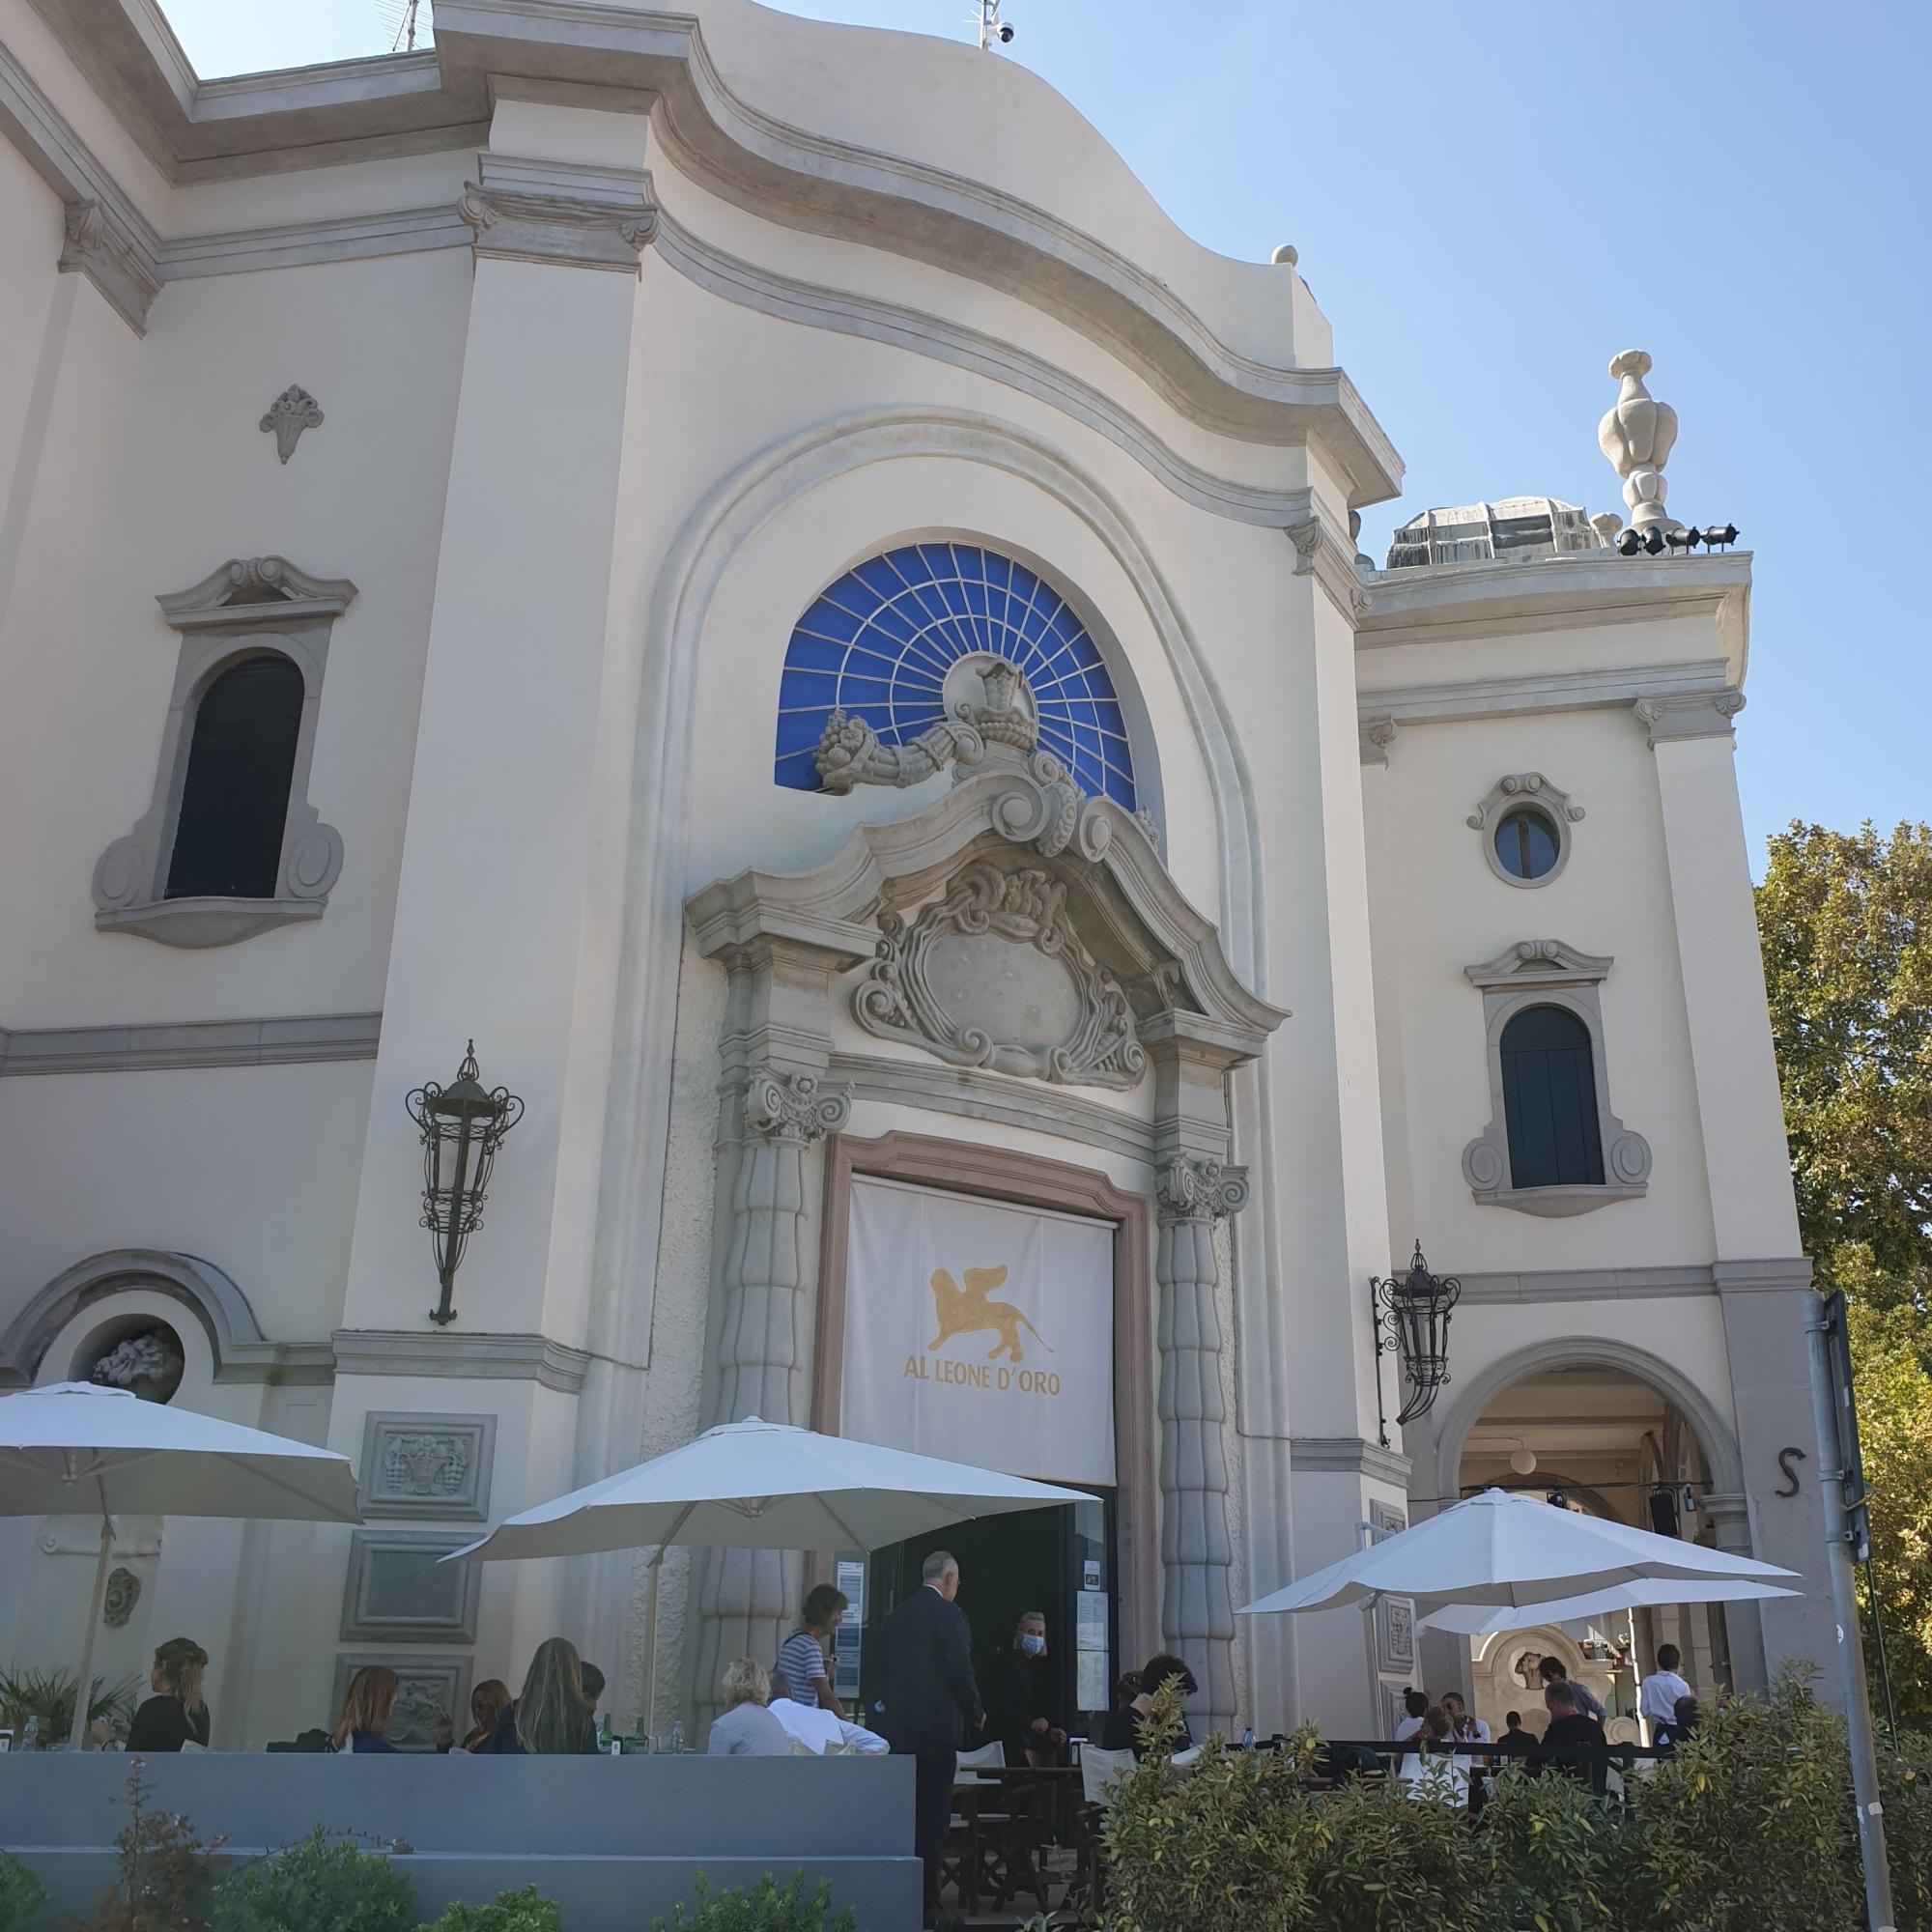 77 Mostra del cinema di Venezia - il bar degli artisti